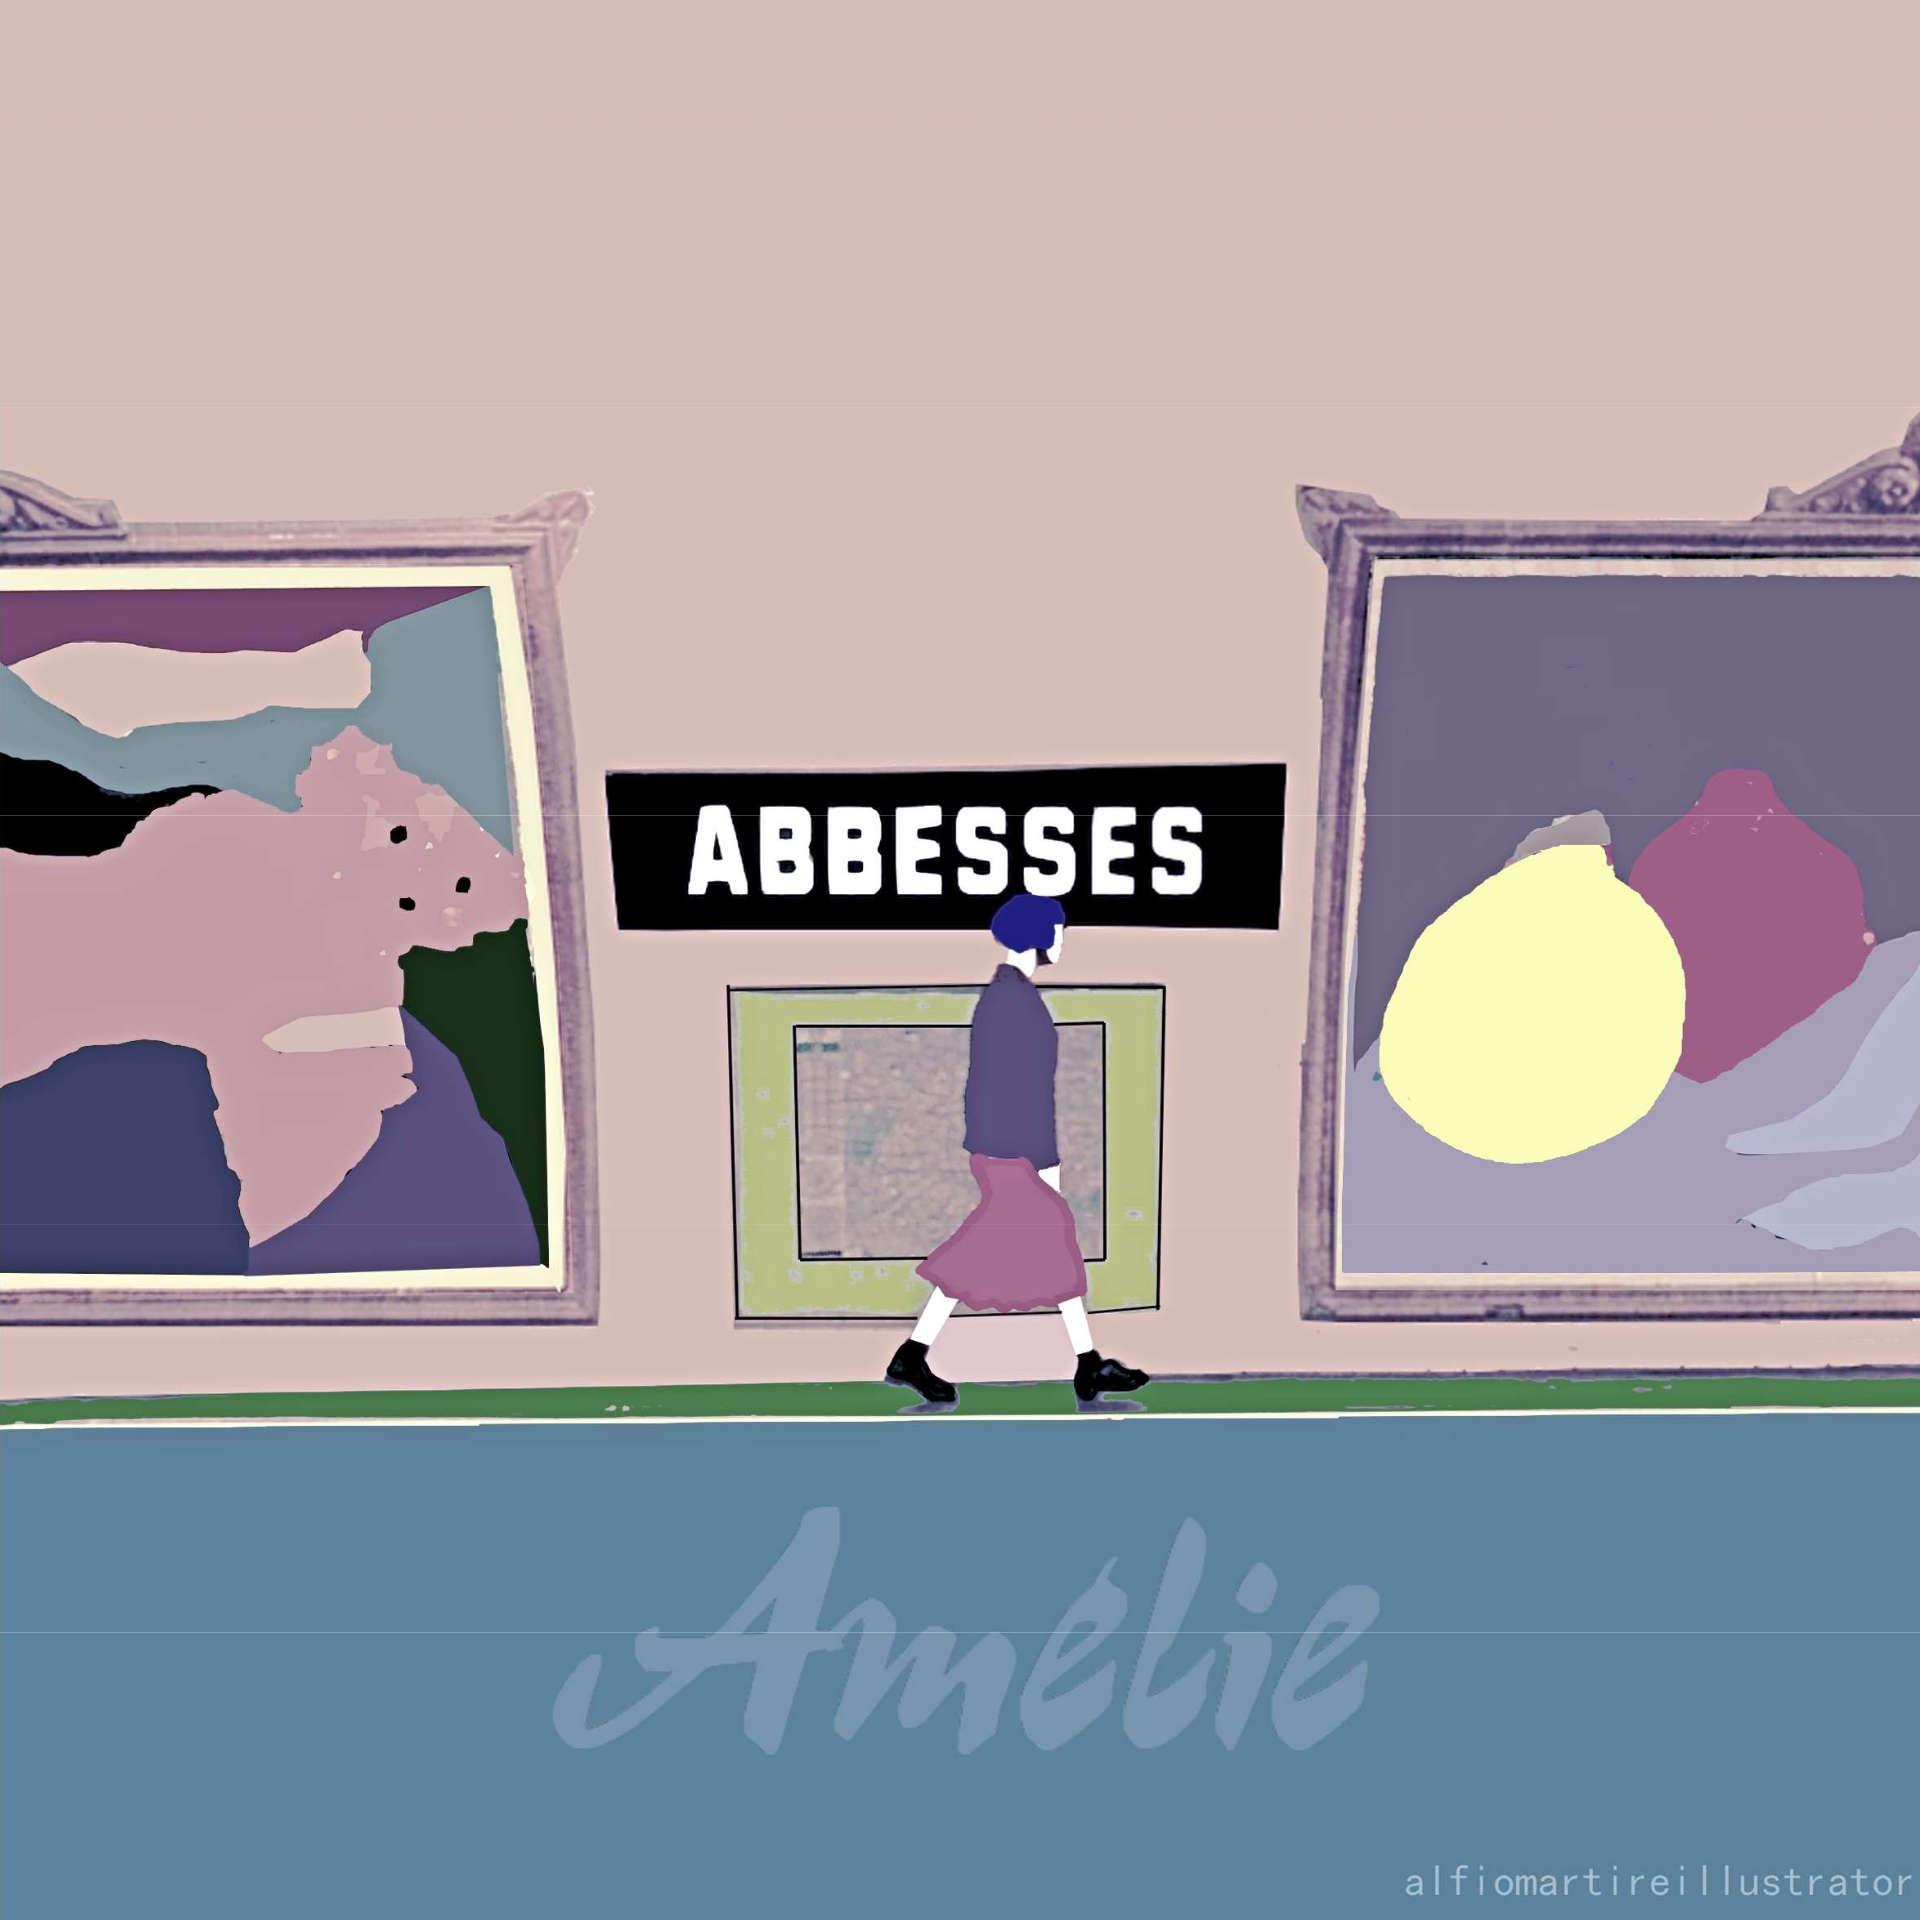 Il favoloso mondo di Amélie, scritto e diretto da Jean-Pierre Jeunet, 2001